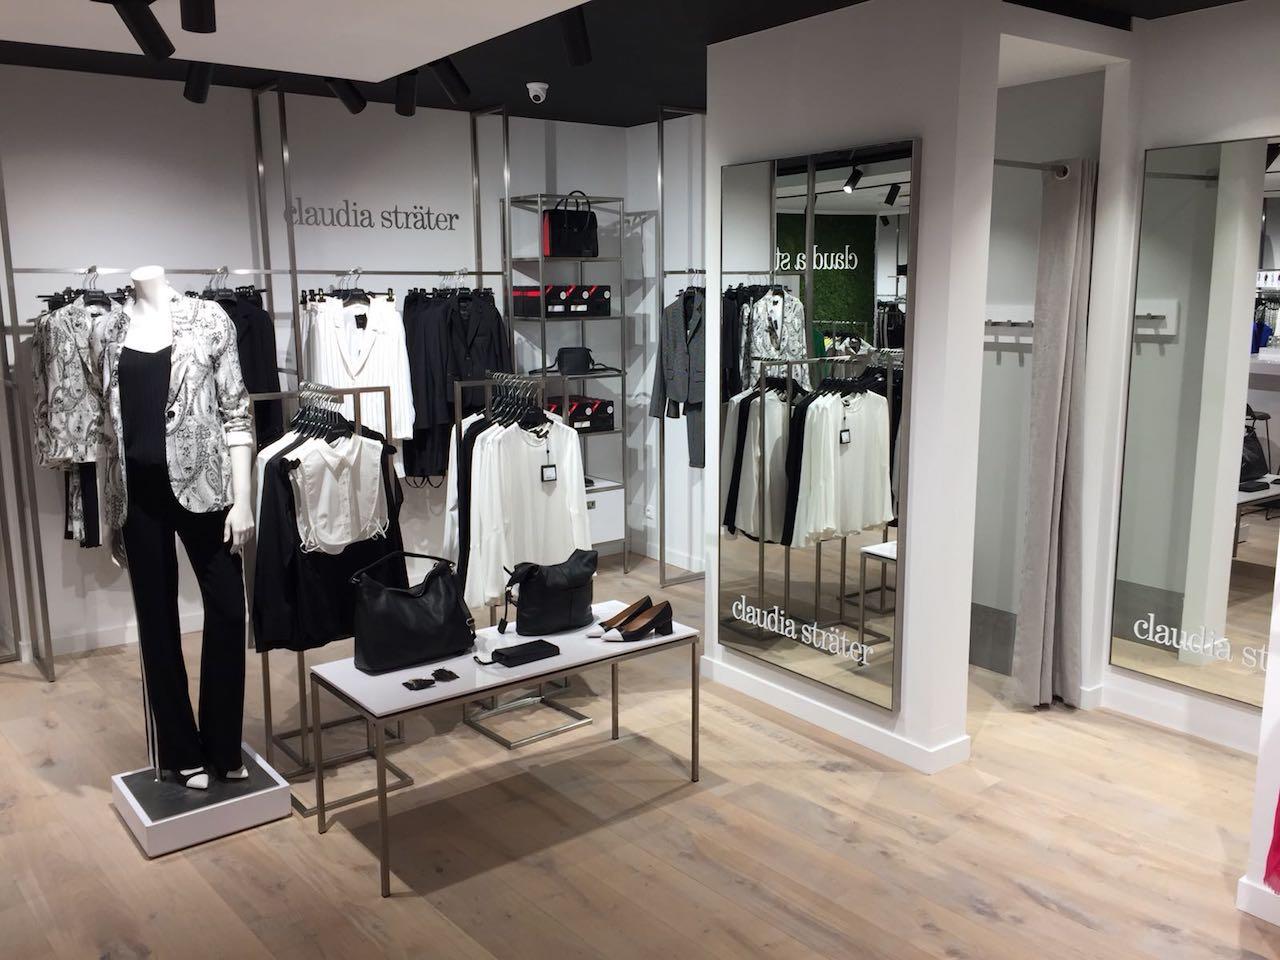 Rvs maatwerk schappen en presentatietafel in kledingwinkel